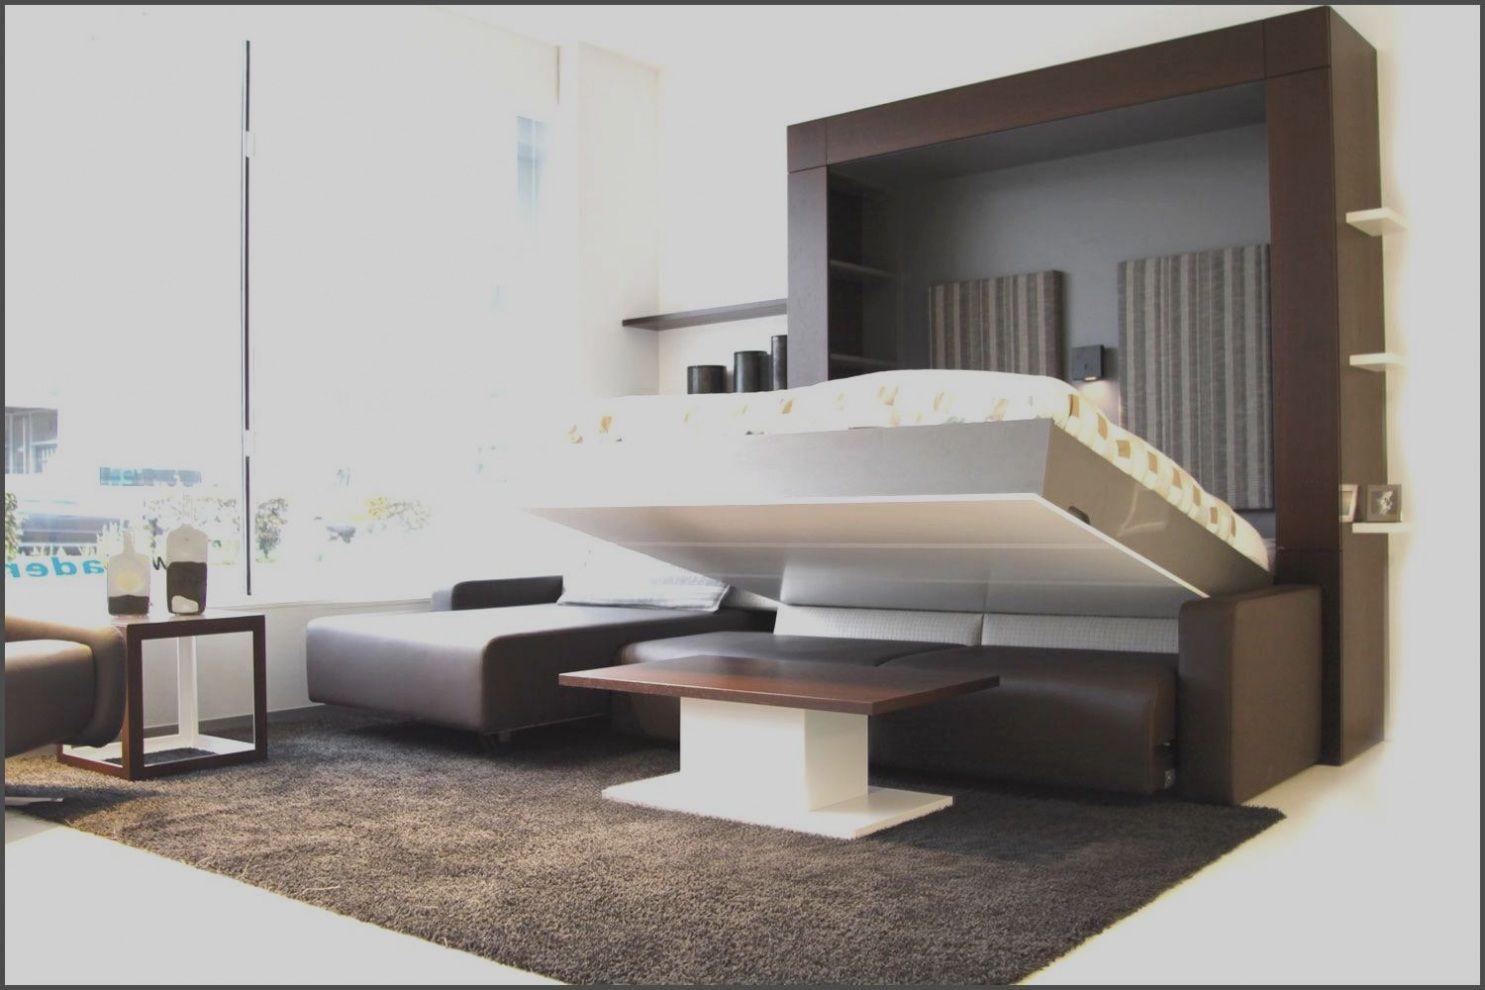 bett im wohnzimmer integrieren   Small rooms, Elegant ...